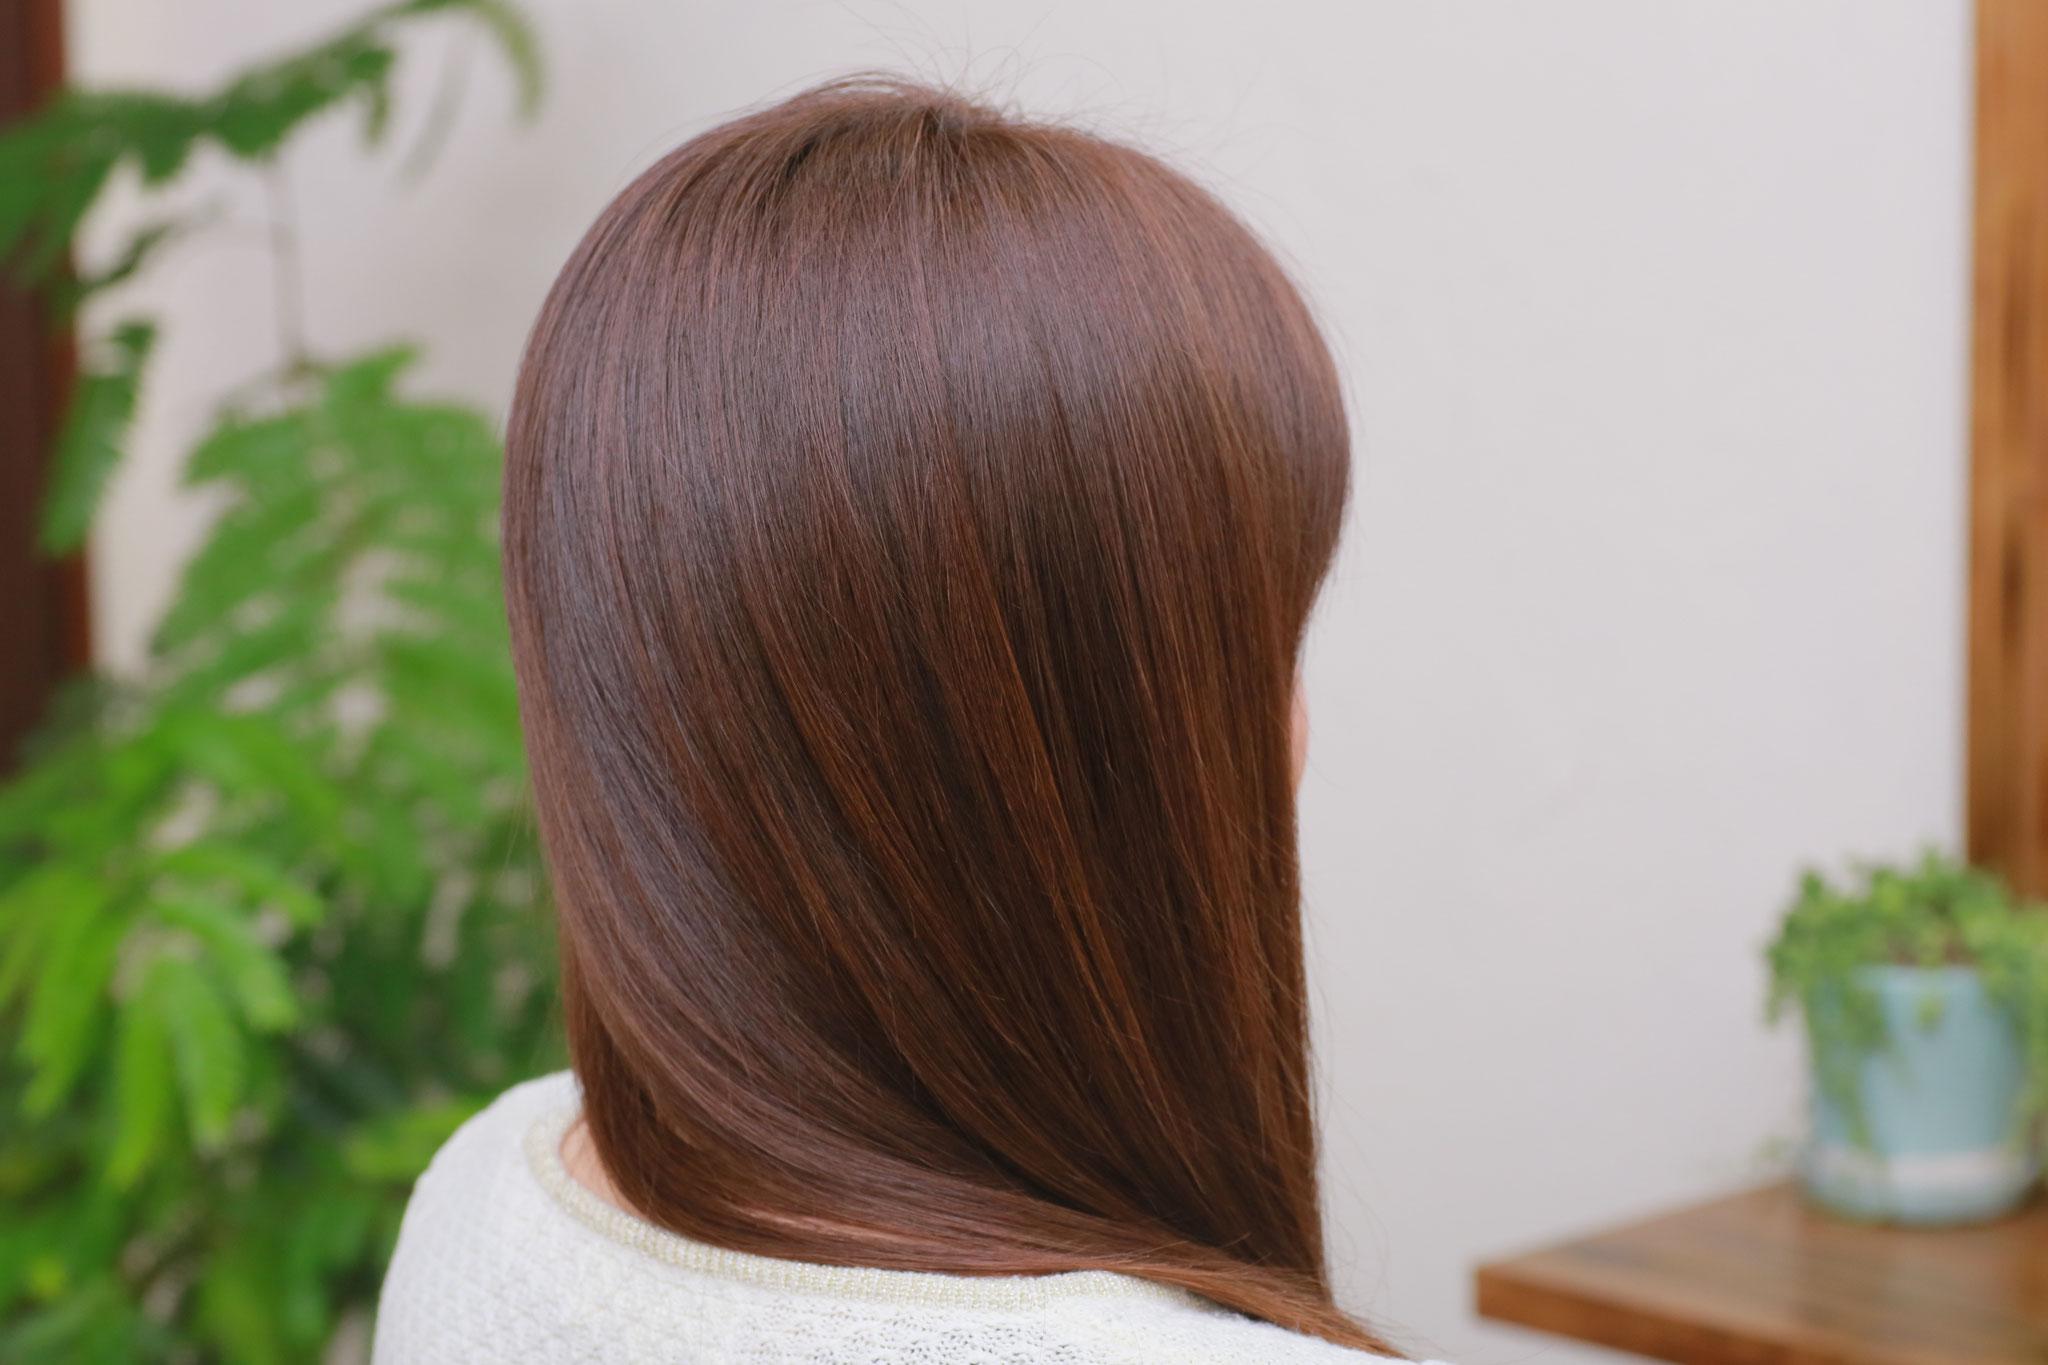 手順4:落ち着いたスタイリングのし易い髪に。